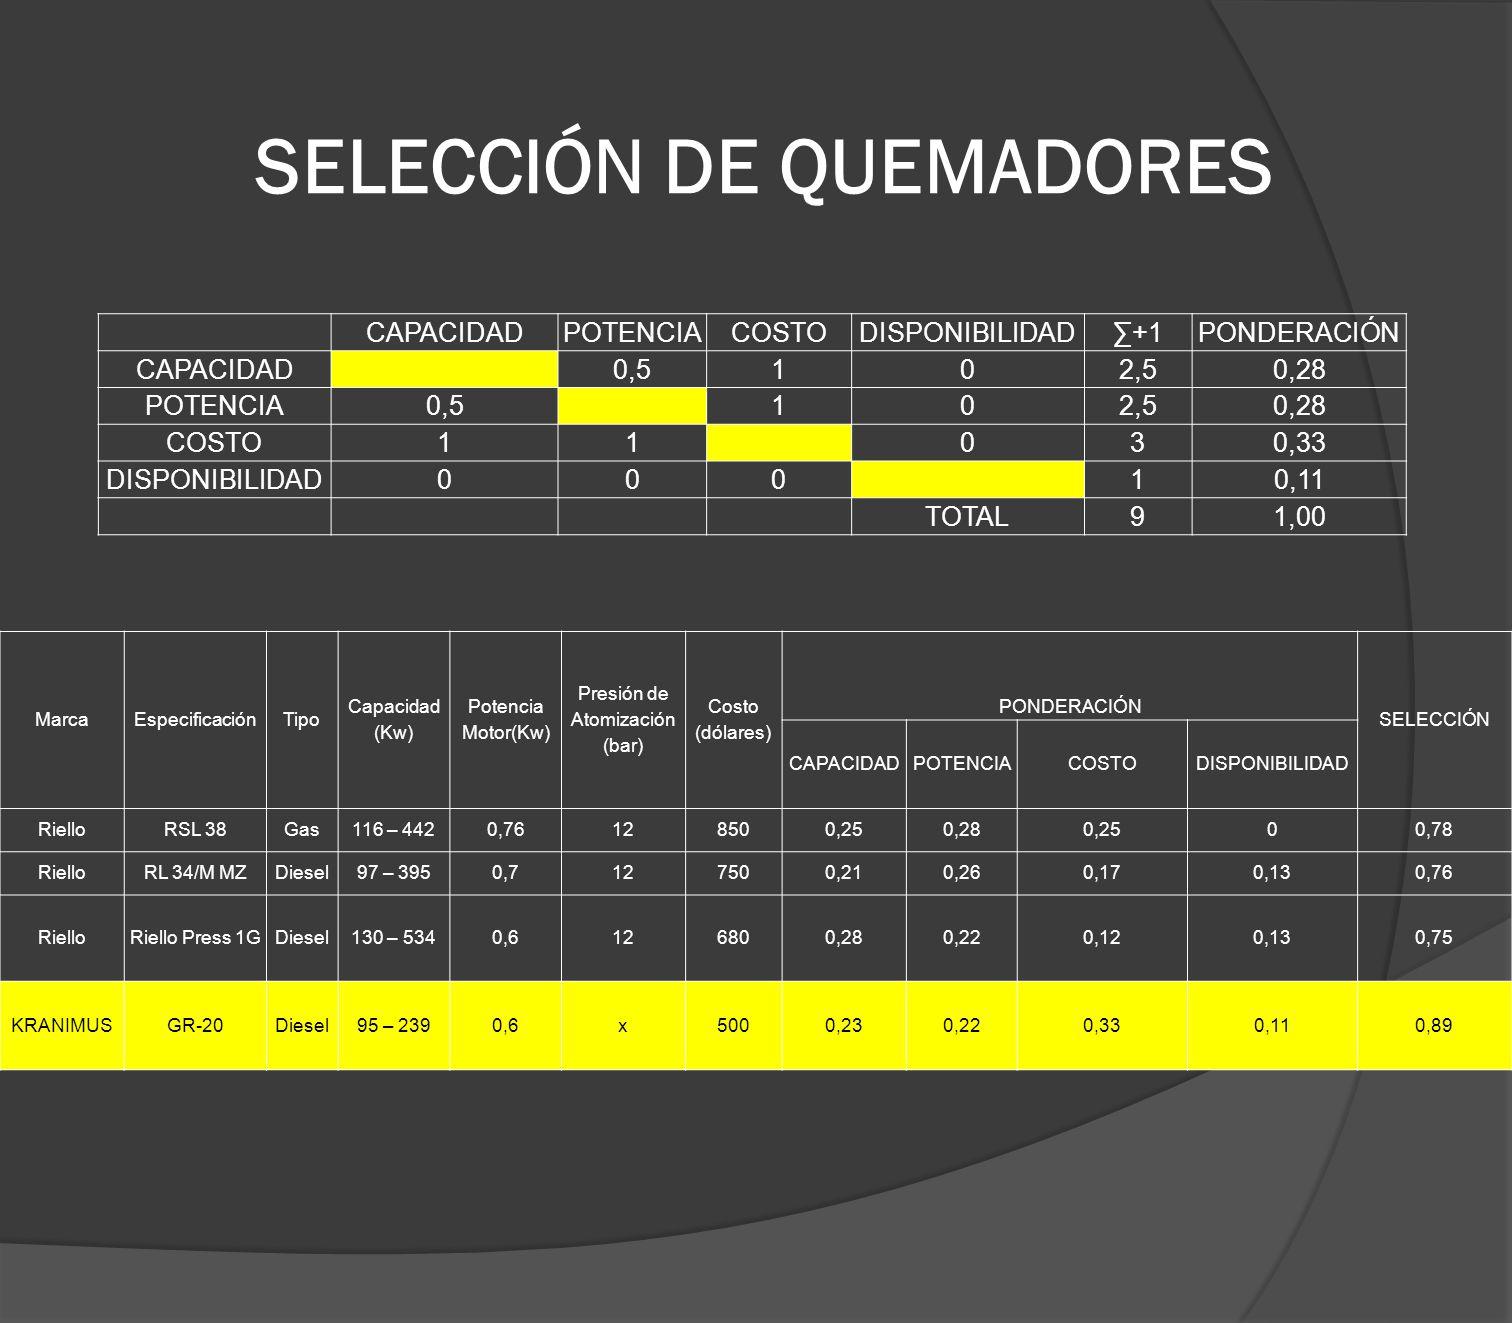 SELECCIÓN DE QUEMADORES